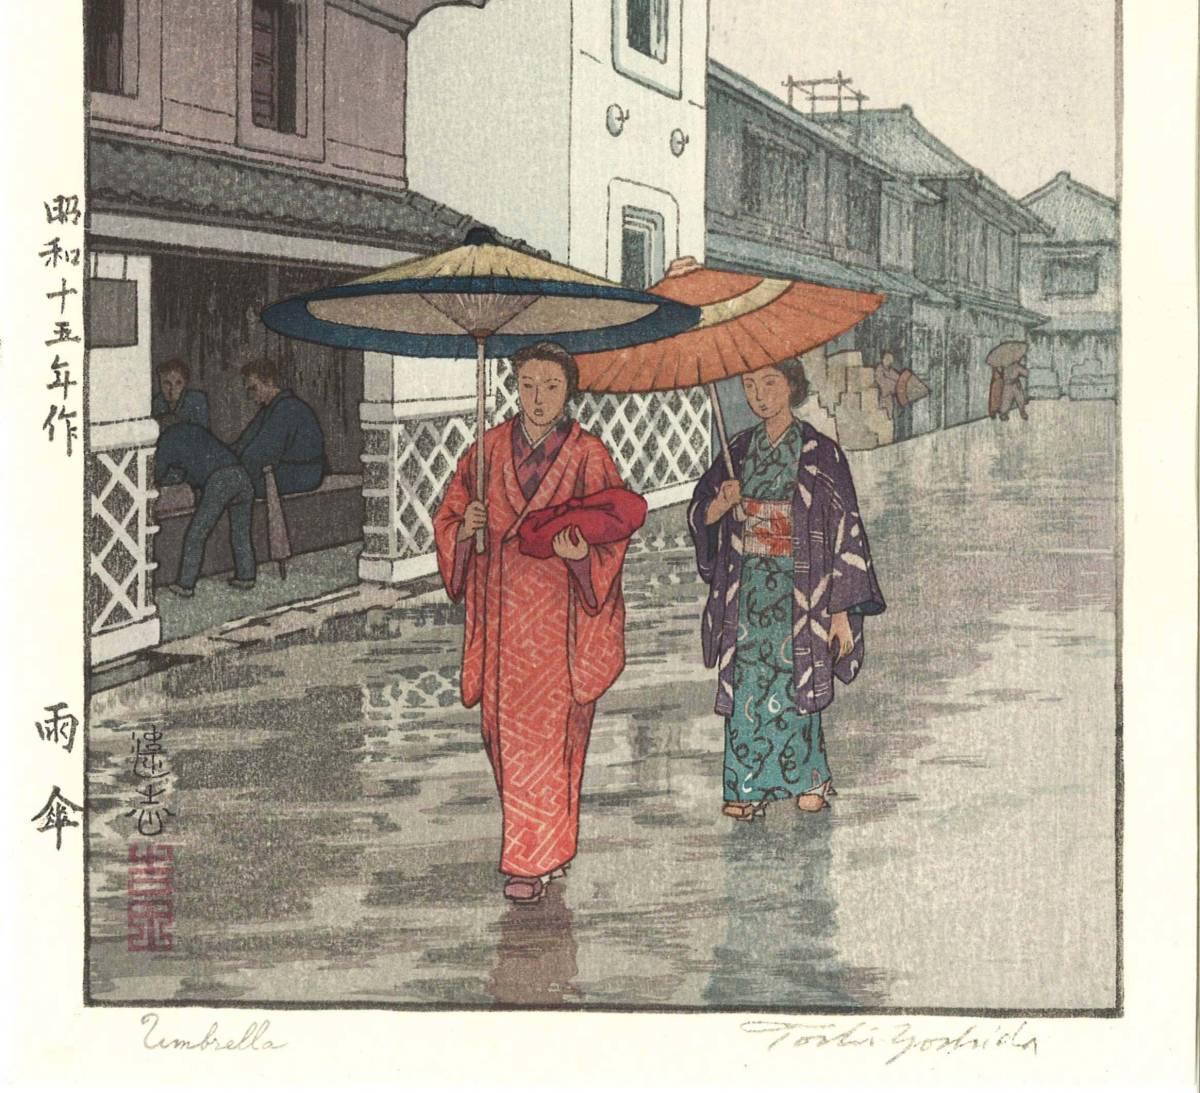 吉田遠志 木版画 014002 雨傘 (Umbrella) 初摺1940年  最高峰の摺師の技をご堪能下さい!!_画像4